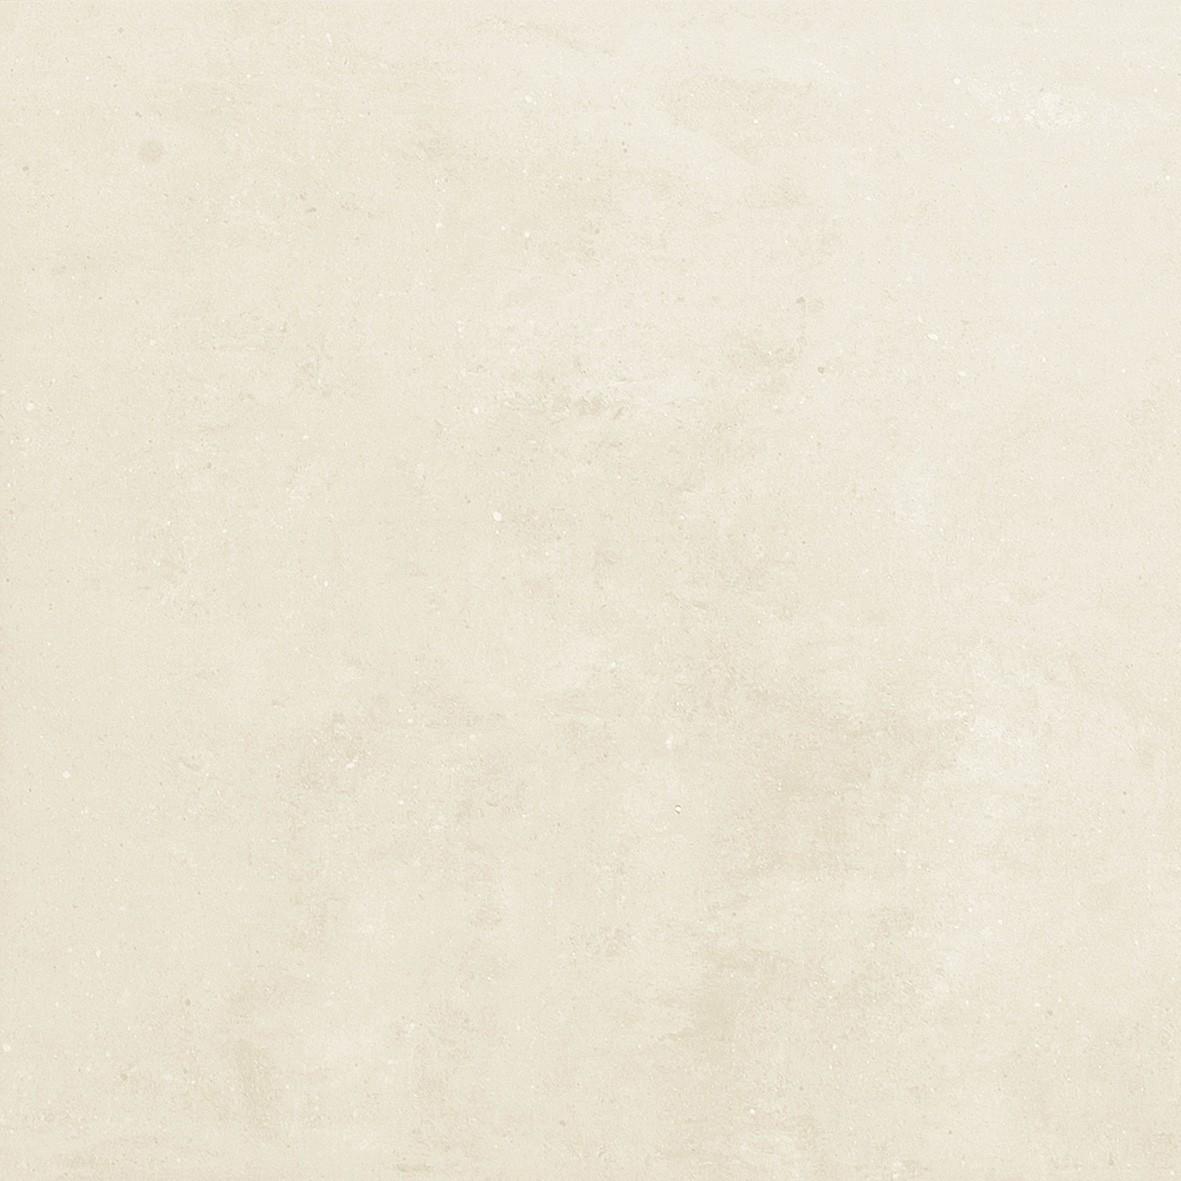 PORCELANATO CREMA ATLÂNTICO ACETINADO RETIFICADO 87.7X87.7CM 59057 - PORTINARI